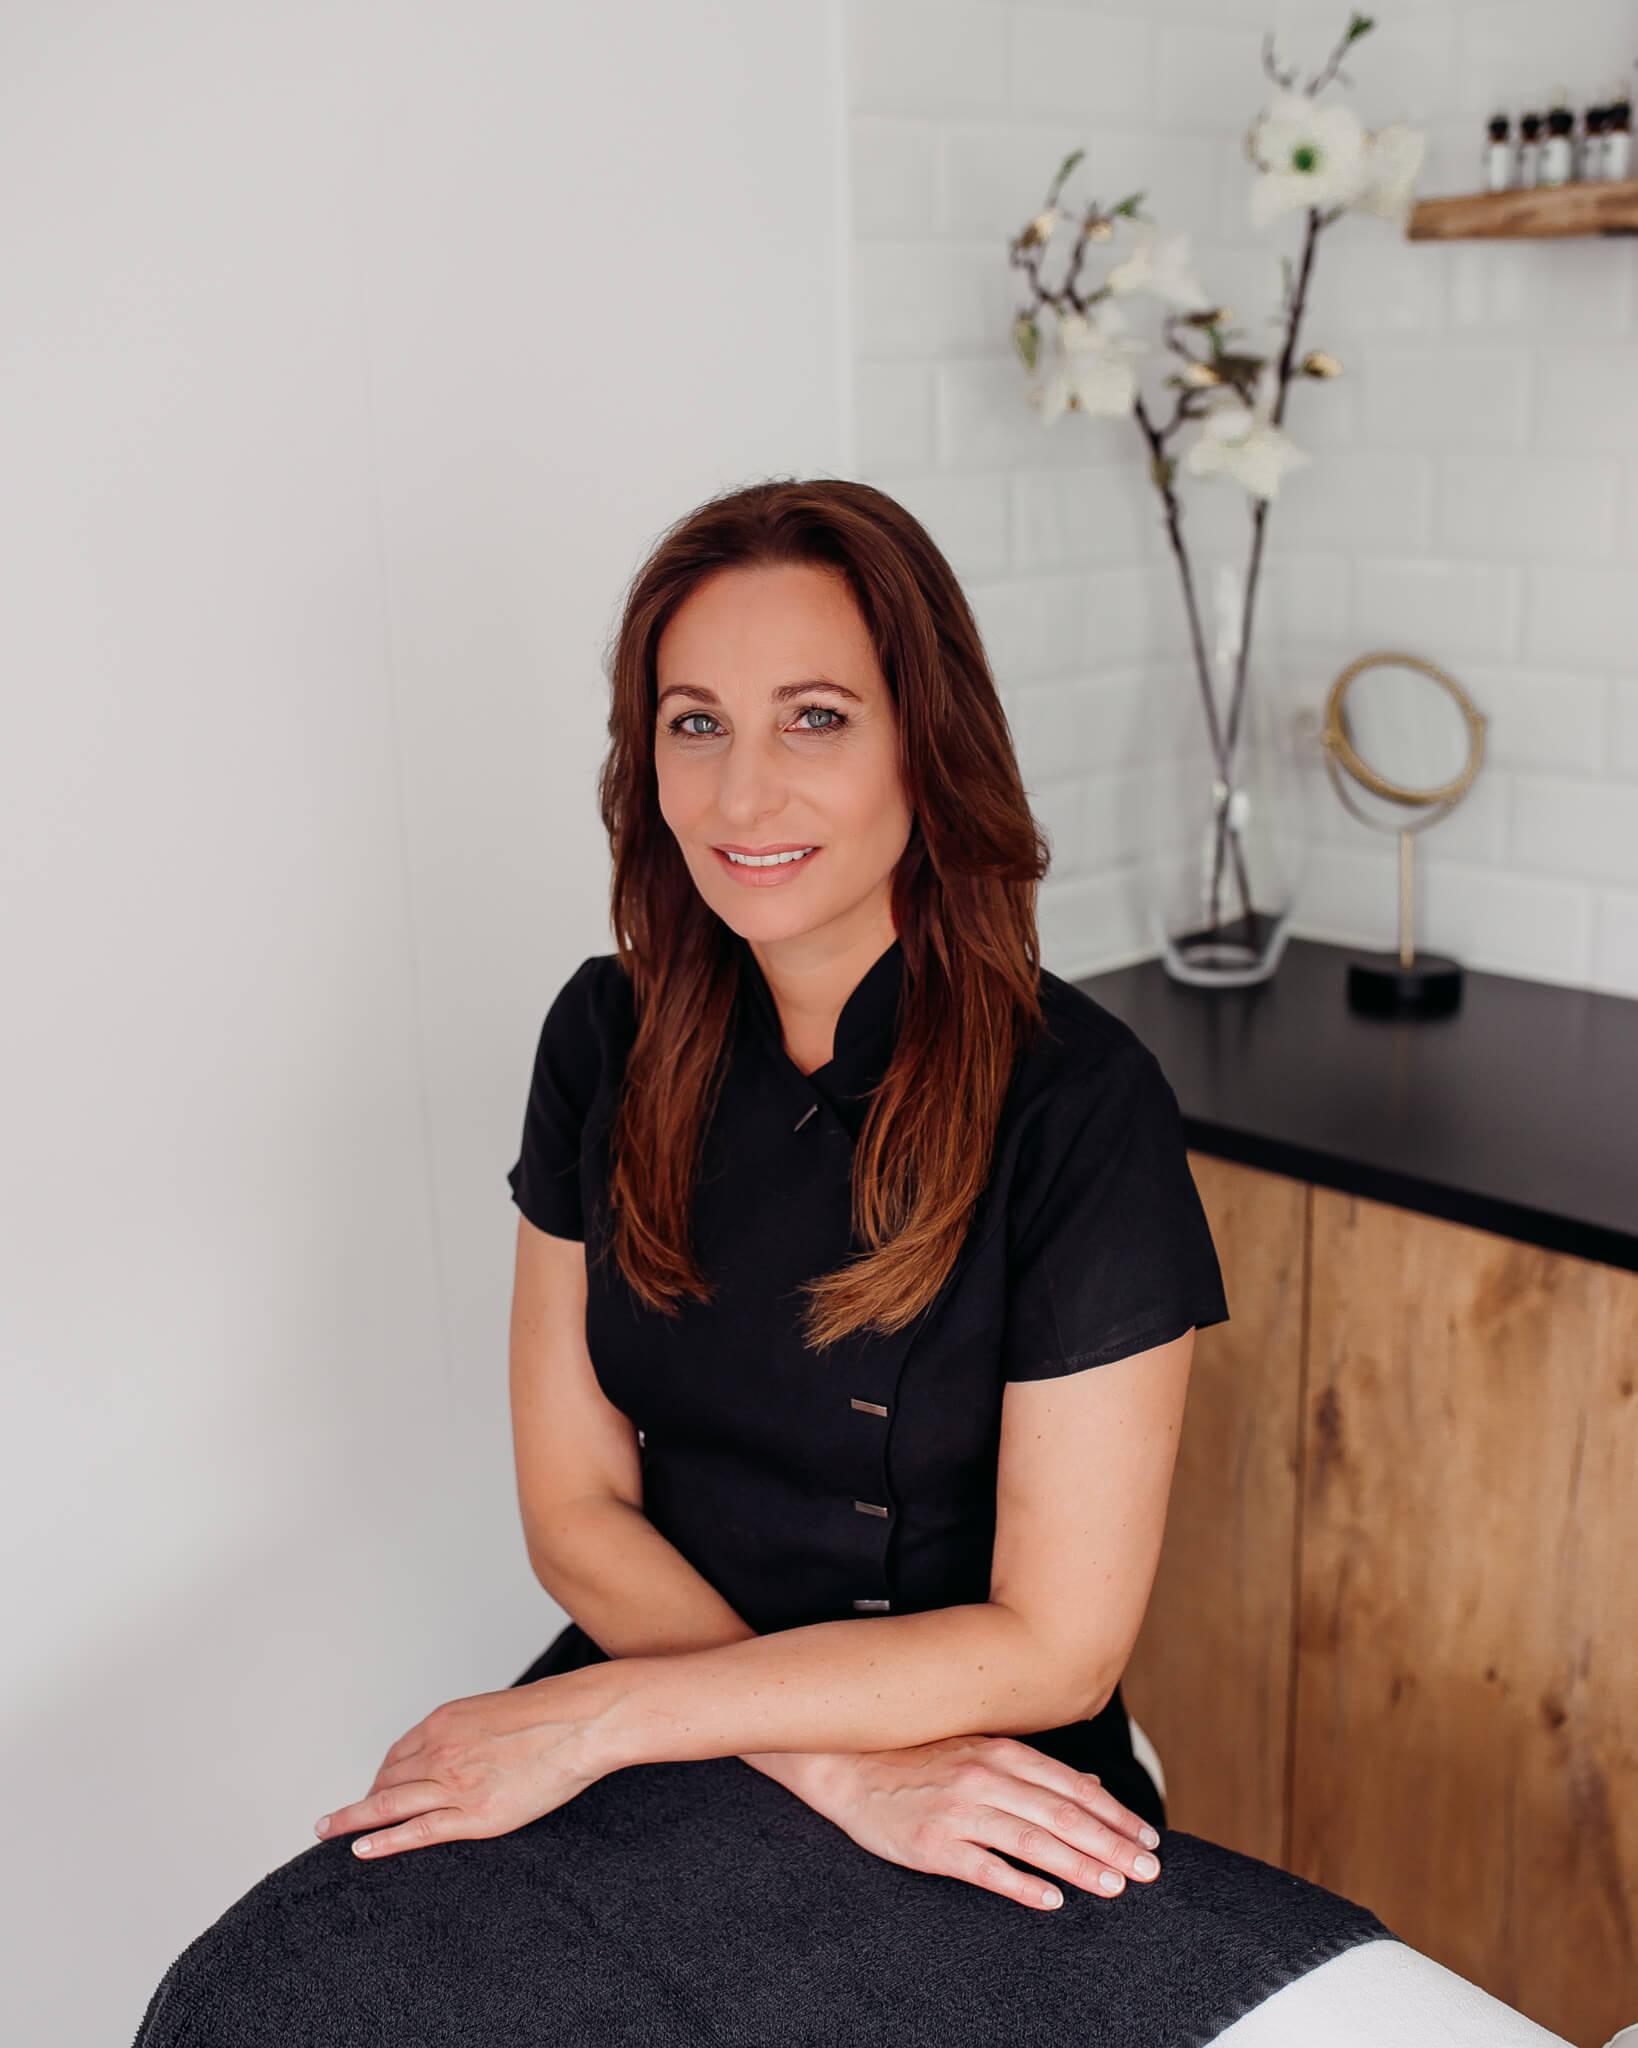 Salon no 83 Shirley Schoonheidssalon Purmerend Huidverbetering Gezichtsbehandeling Bindweefselmassage Voeding voedingsconsult vitaliteitsconsult